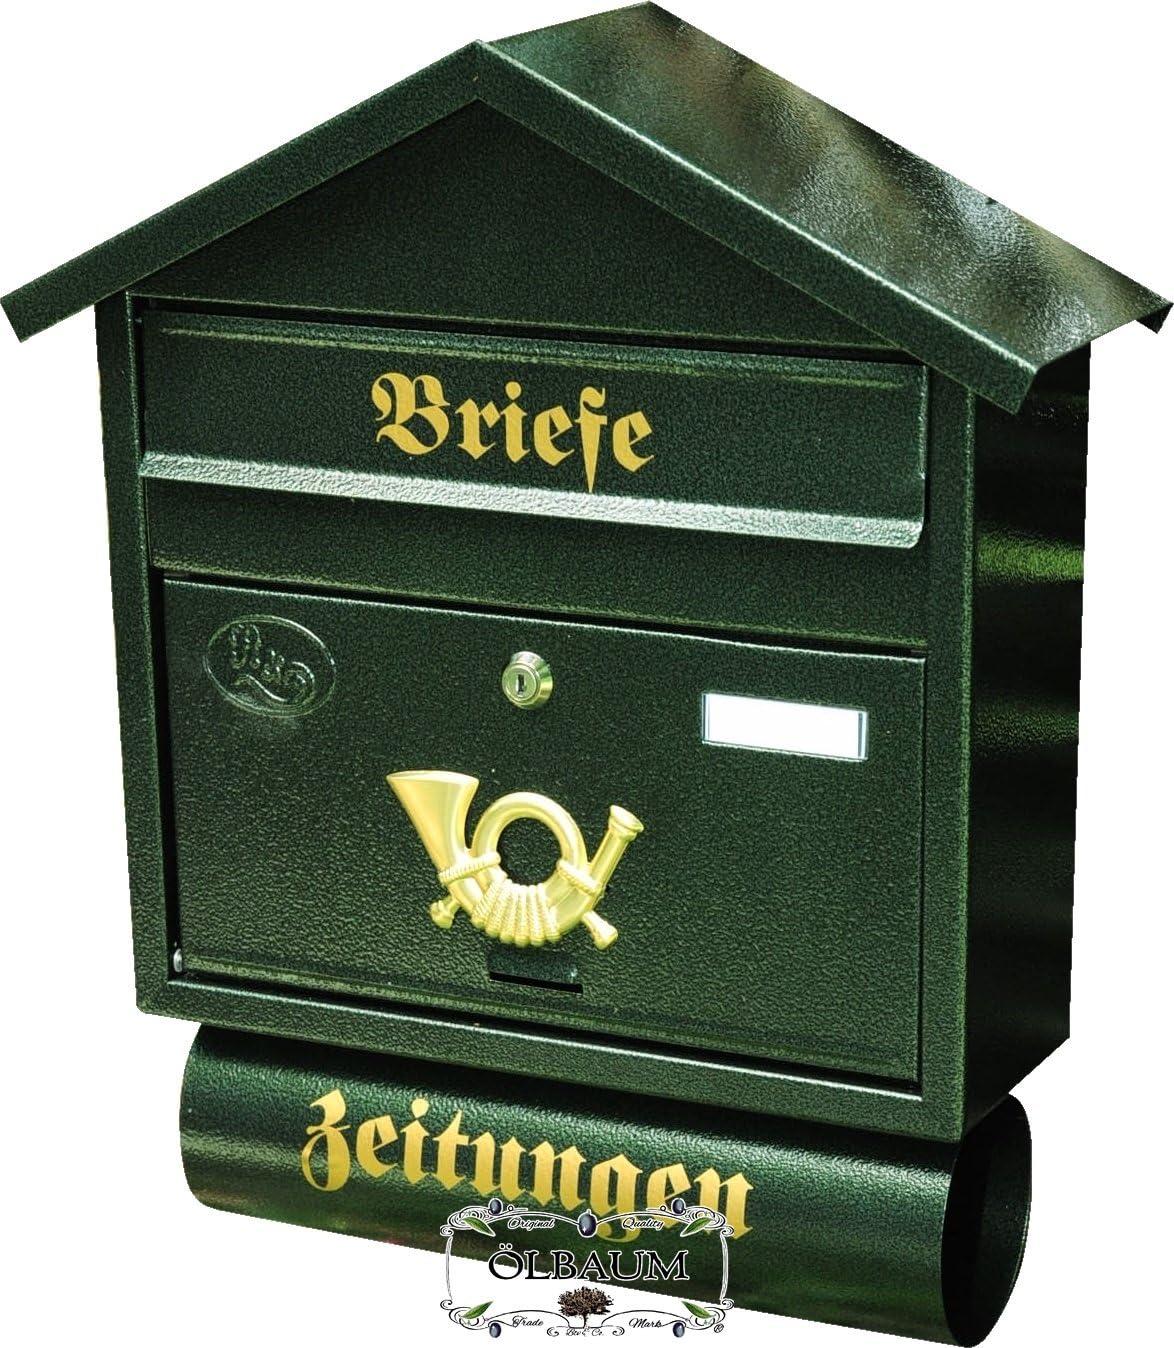 verzinkt pulverbeschichtet F gro/ß in gr/ün dunkelgr/ün moosgr/ün Zeitungsfach Zeitungen Post antik Mailbox Schild Premium-Qualit/ät aus Stahl BTV Briefkasten